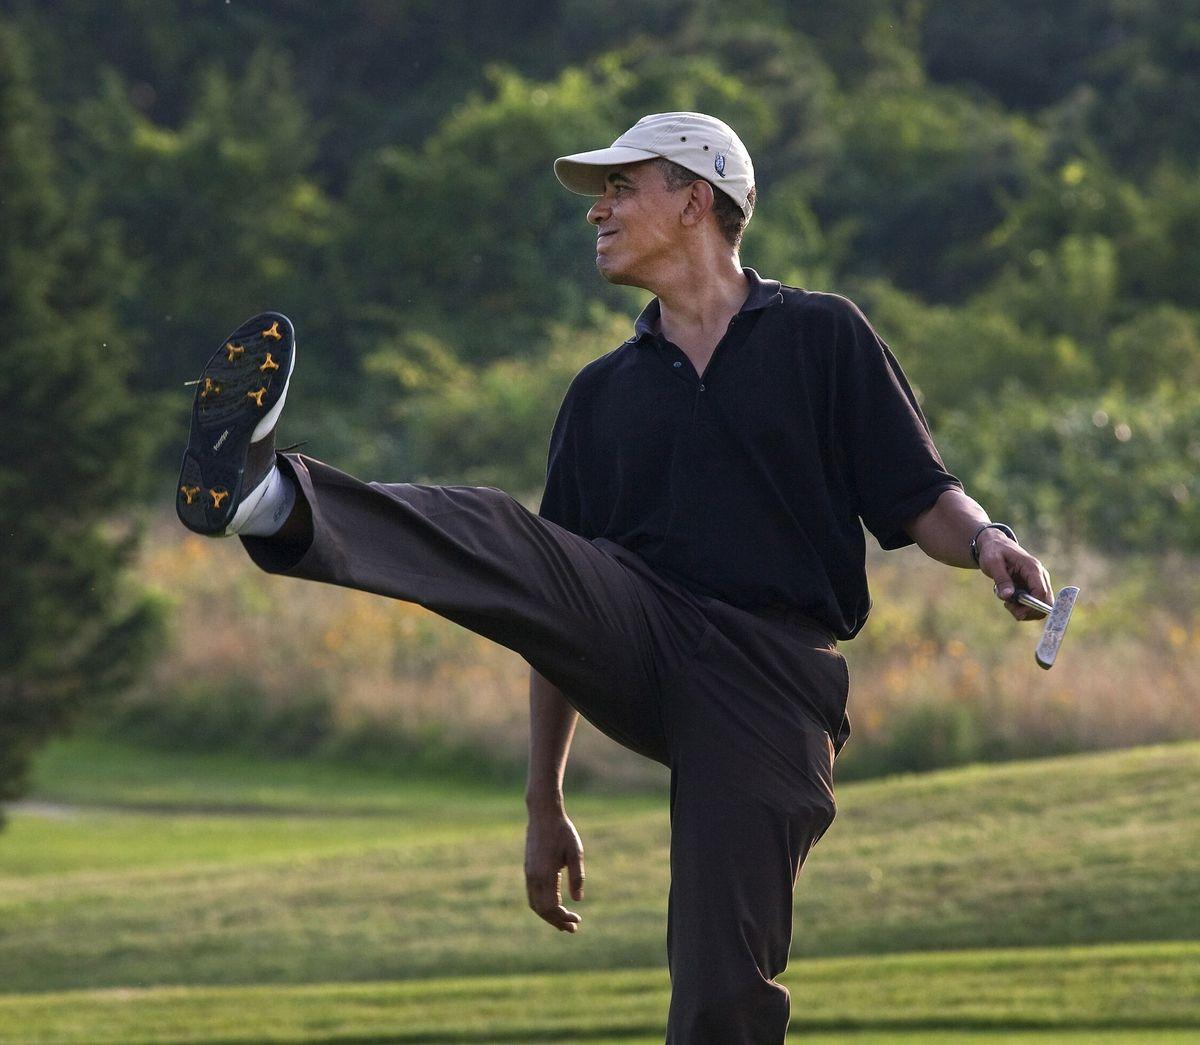 (WhiteHouse.gov/Pete Souza)